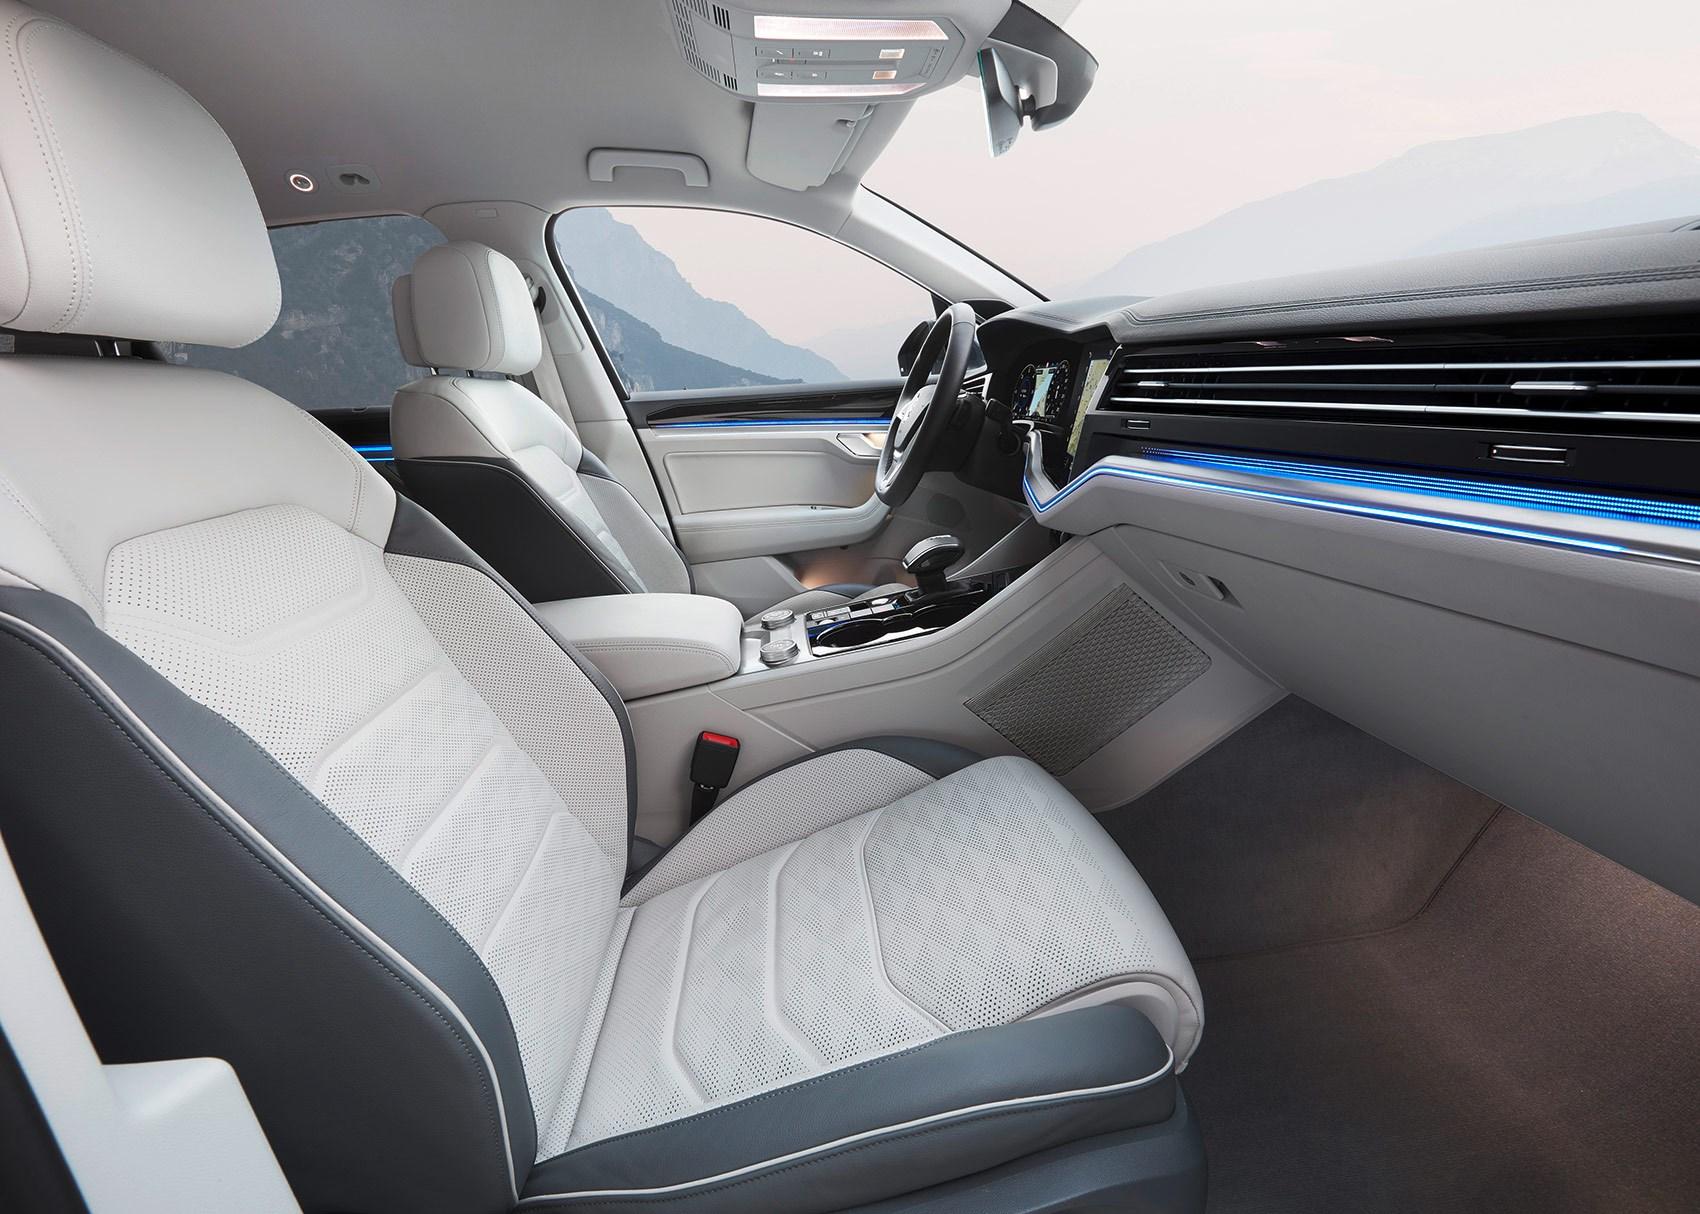 VW Touareg 2018 interior